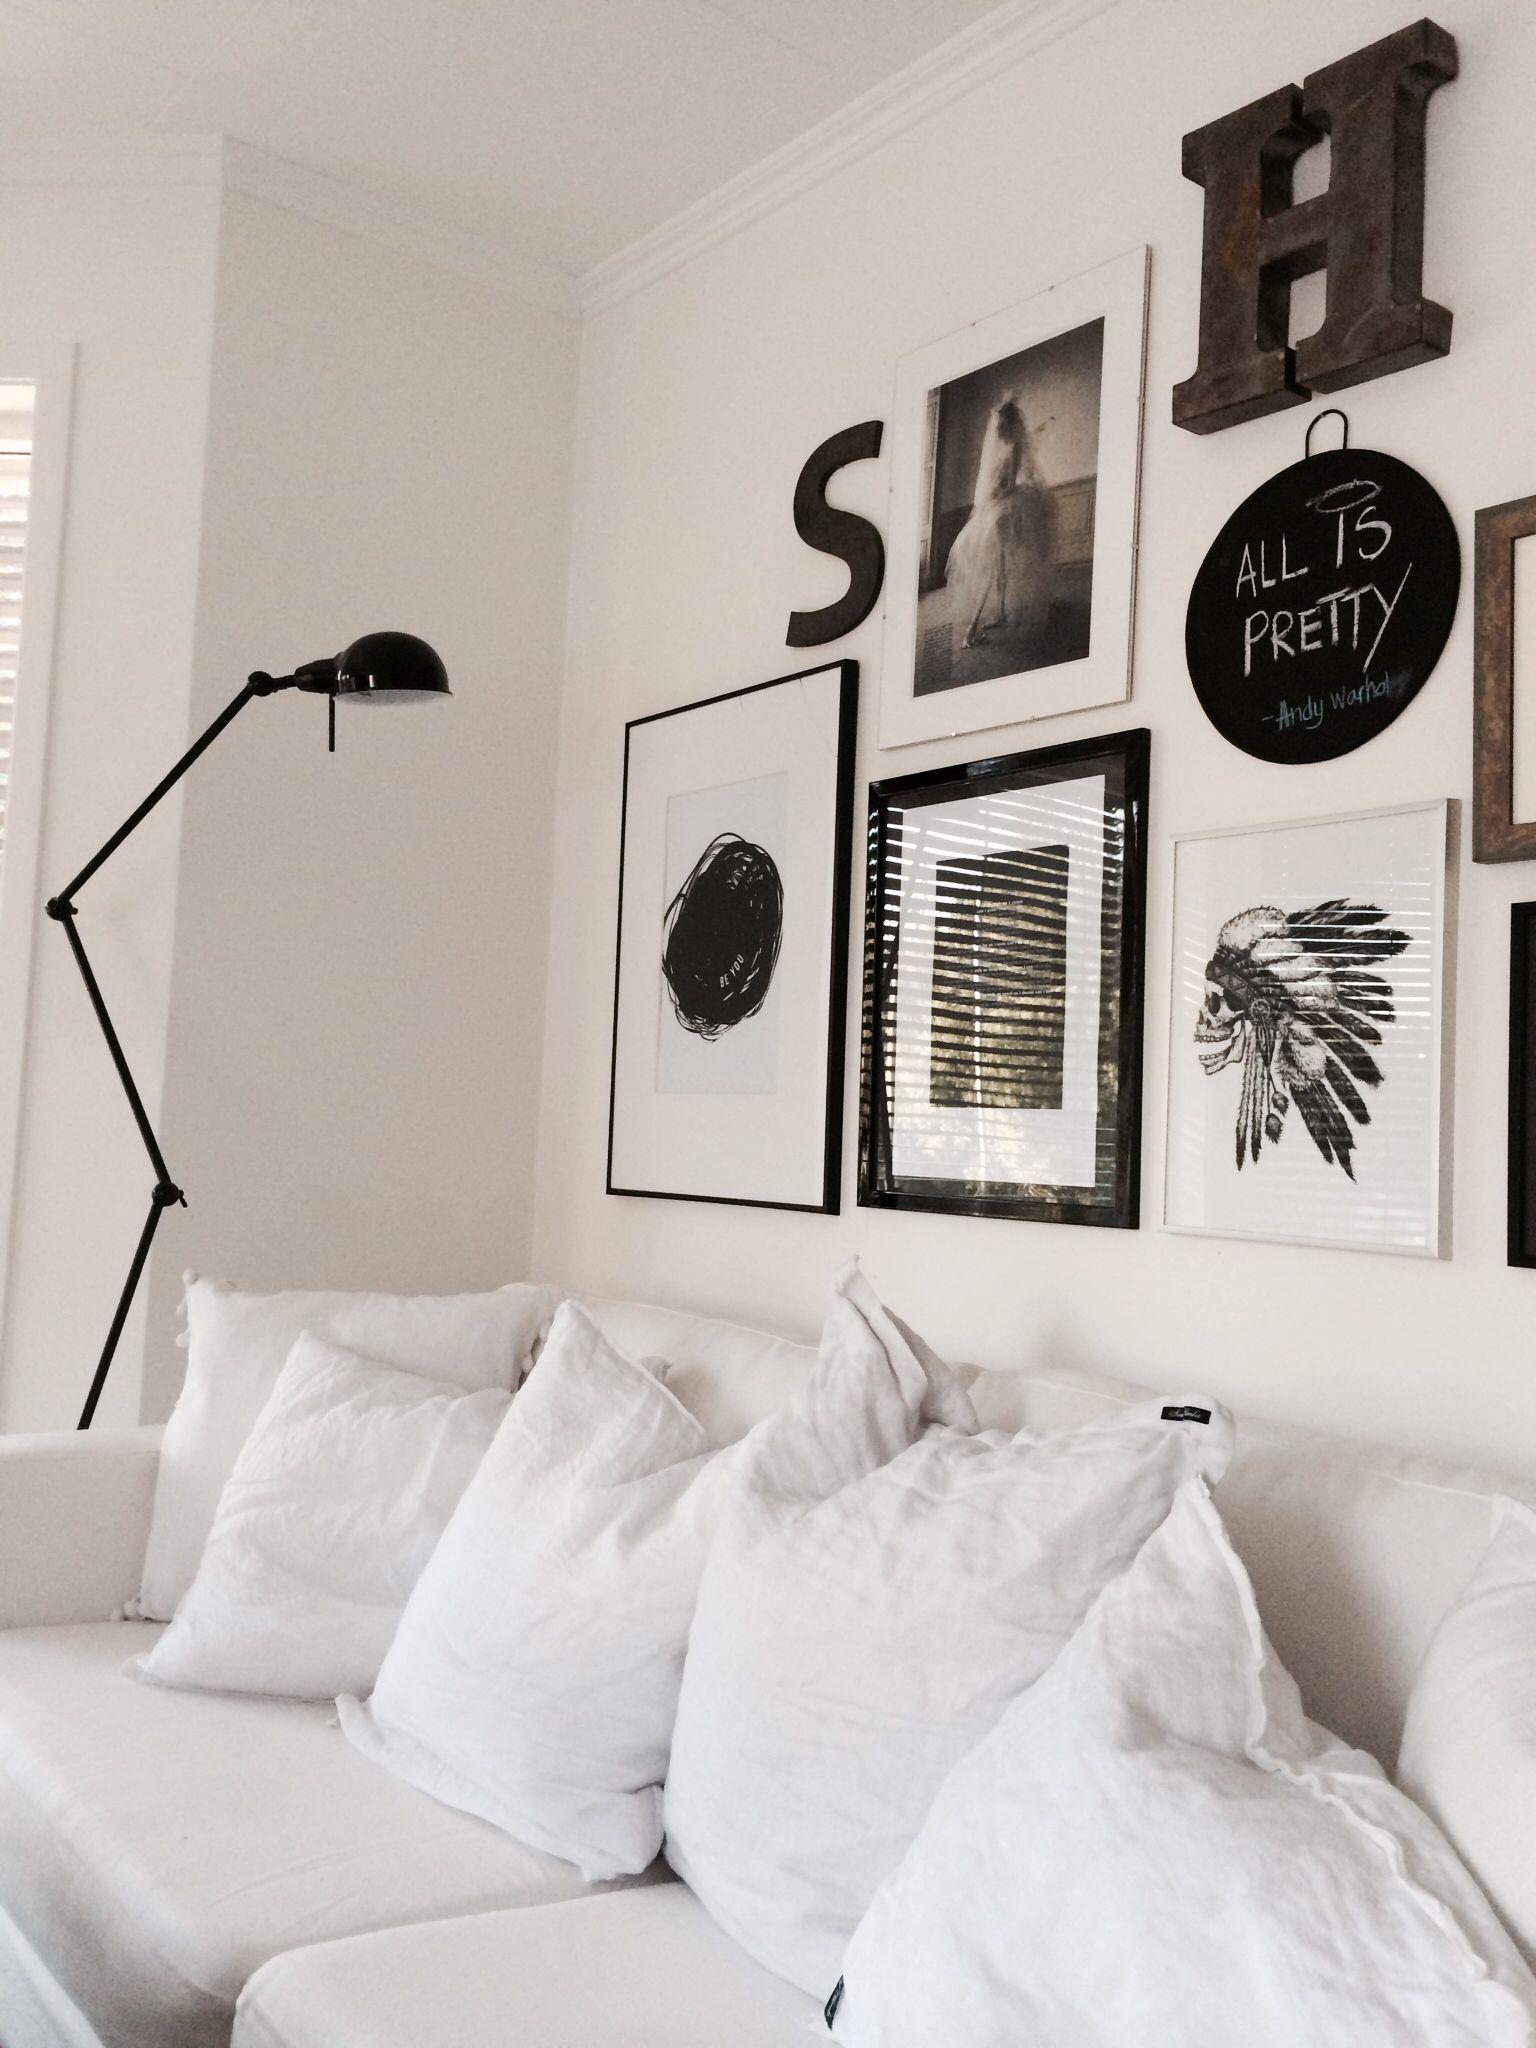 On my wall, livingroom!